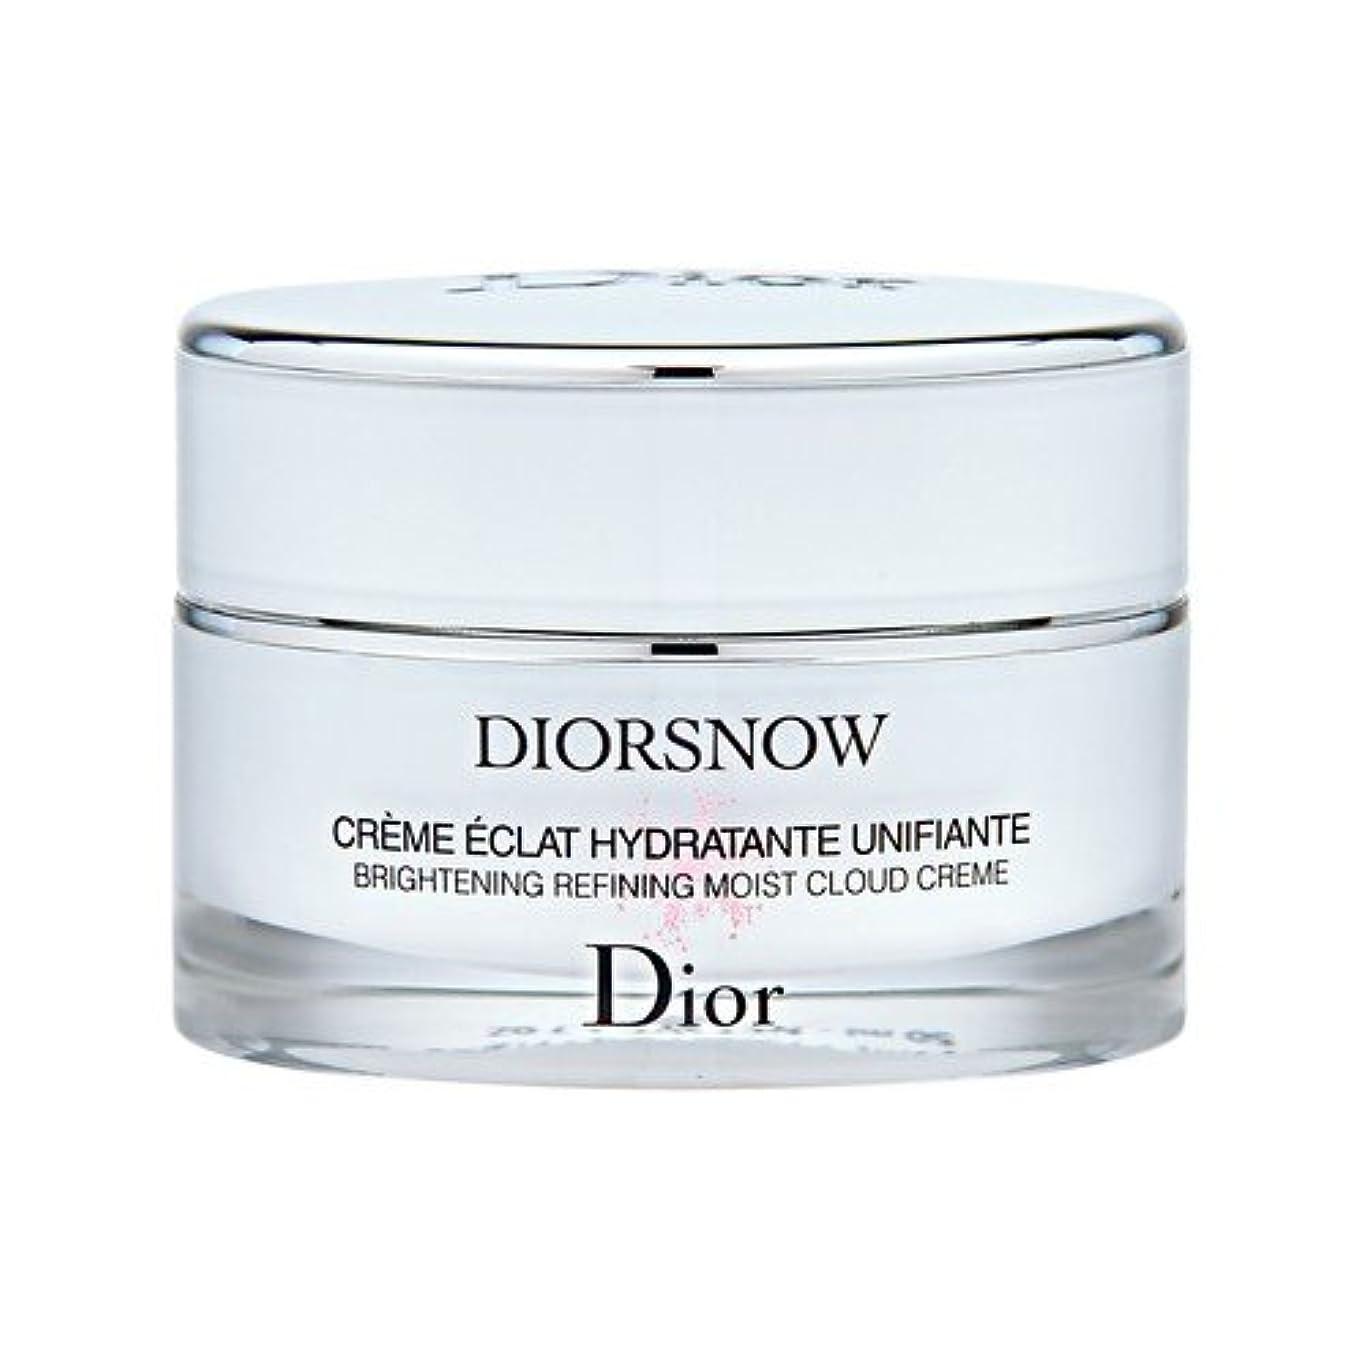 記念日カウンターパートペッククリスチャン ディオール(Christian Dior) スノー ブライトニング モイスト クリーム 50ml [並行輸入品]